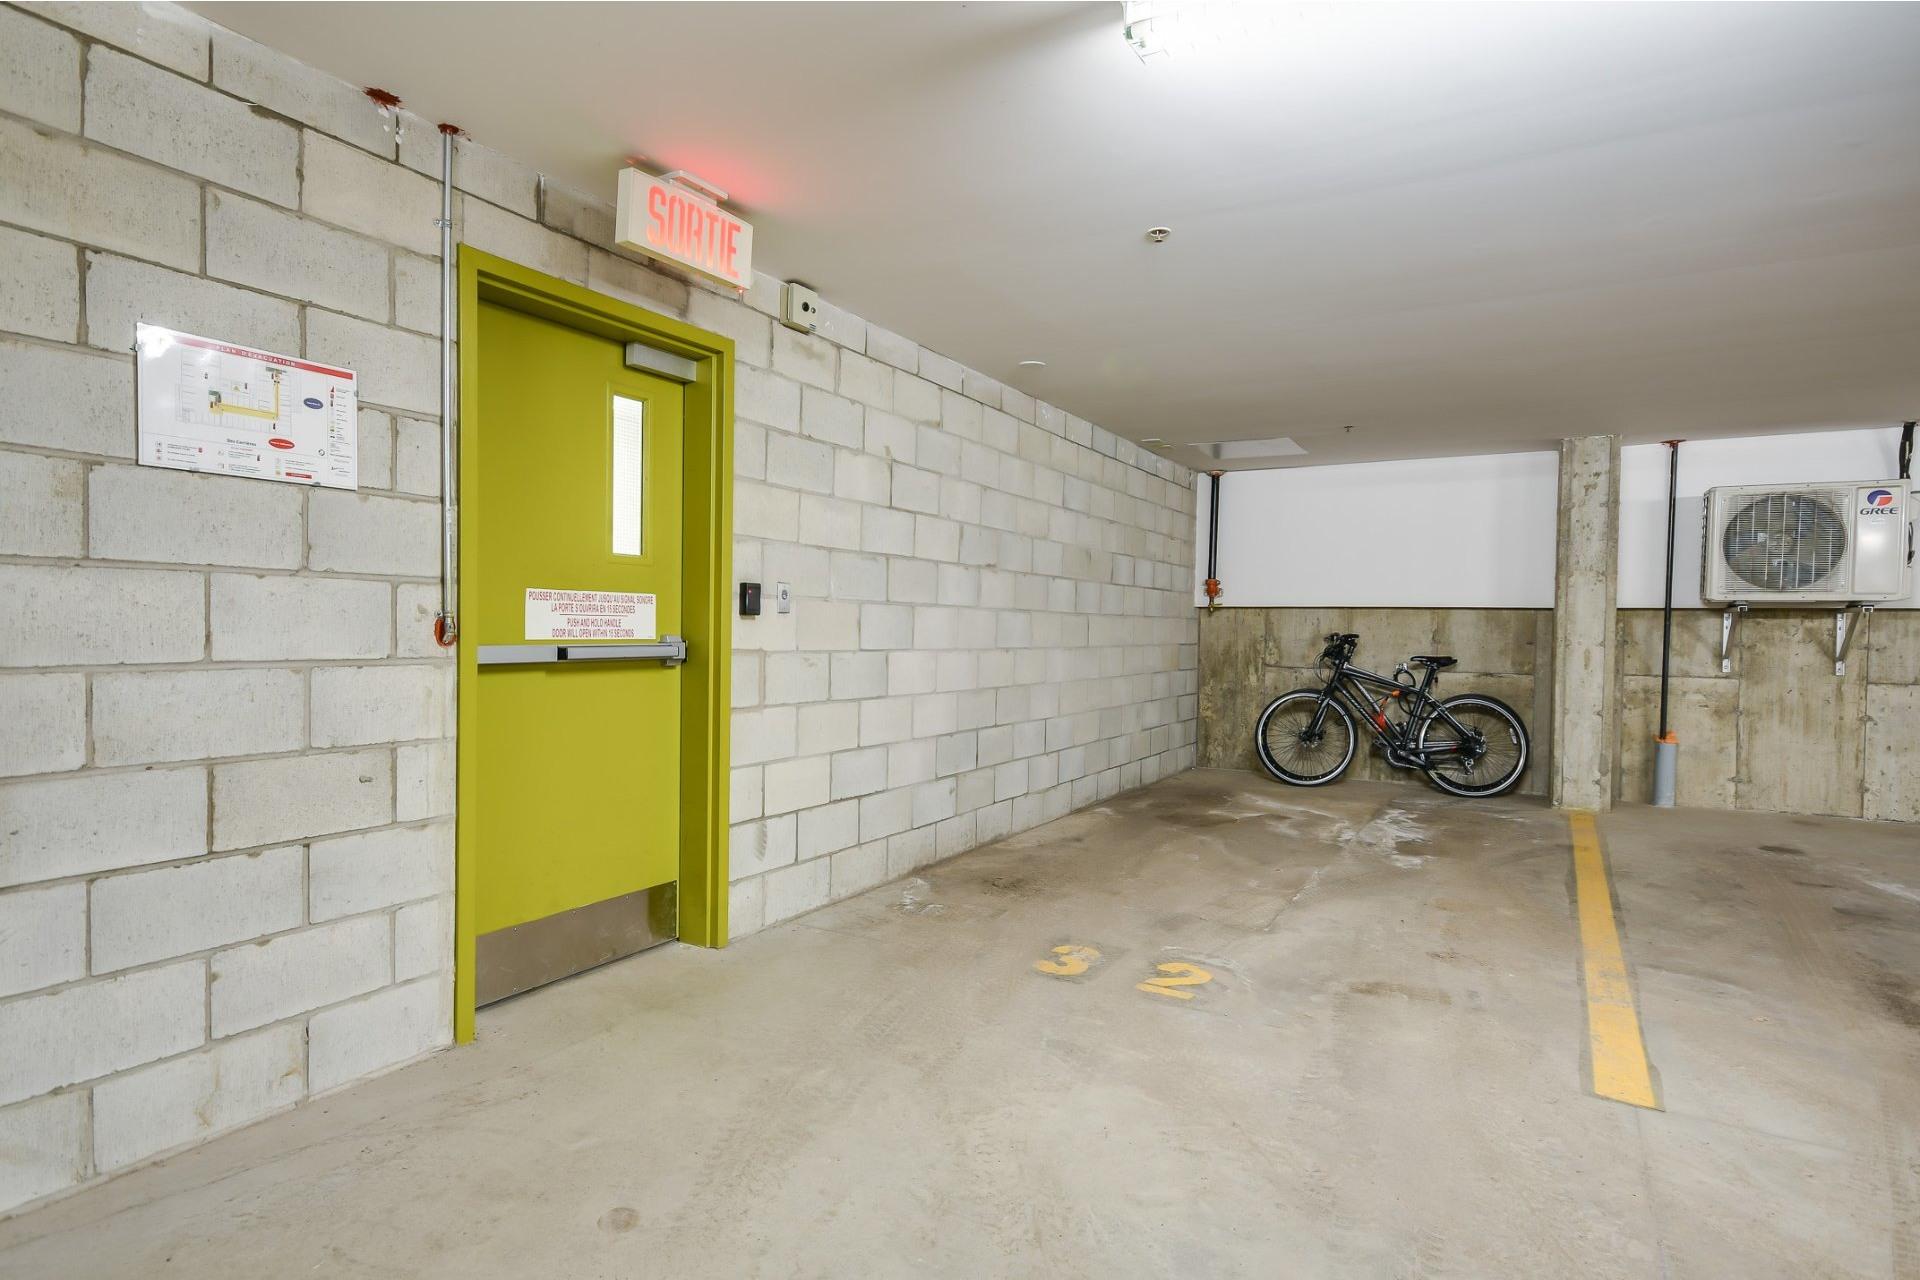 image 10 - Appartement À vendre Rosemont/La Petite-Patrie Montréal  - 4 pièces